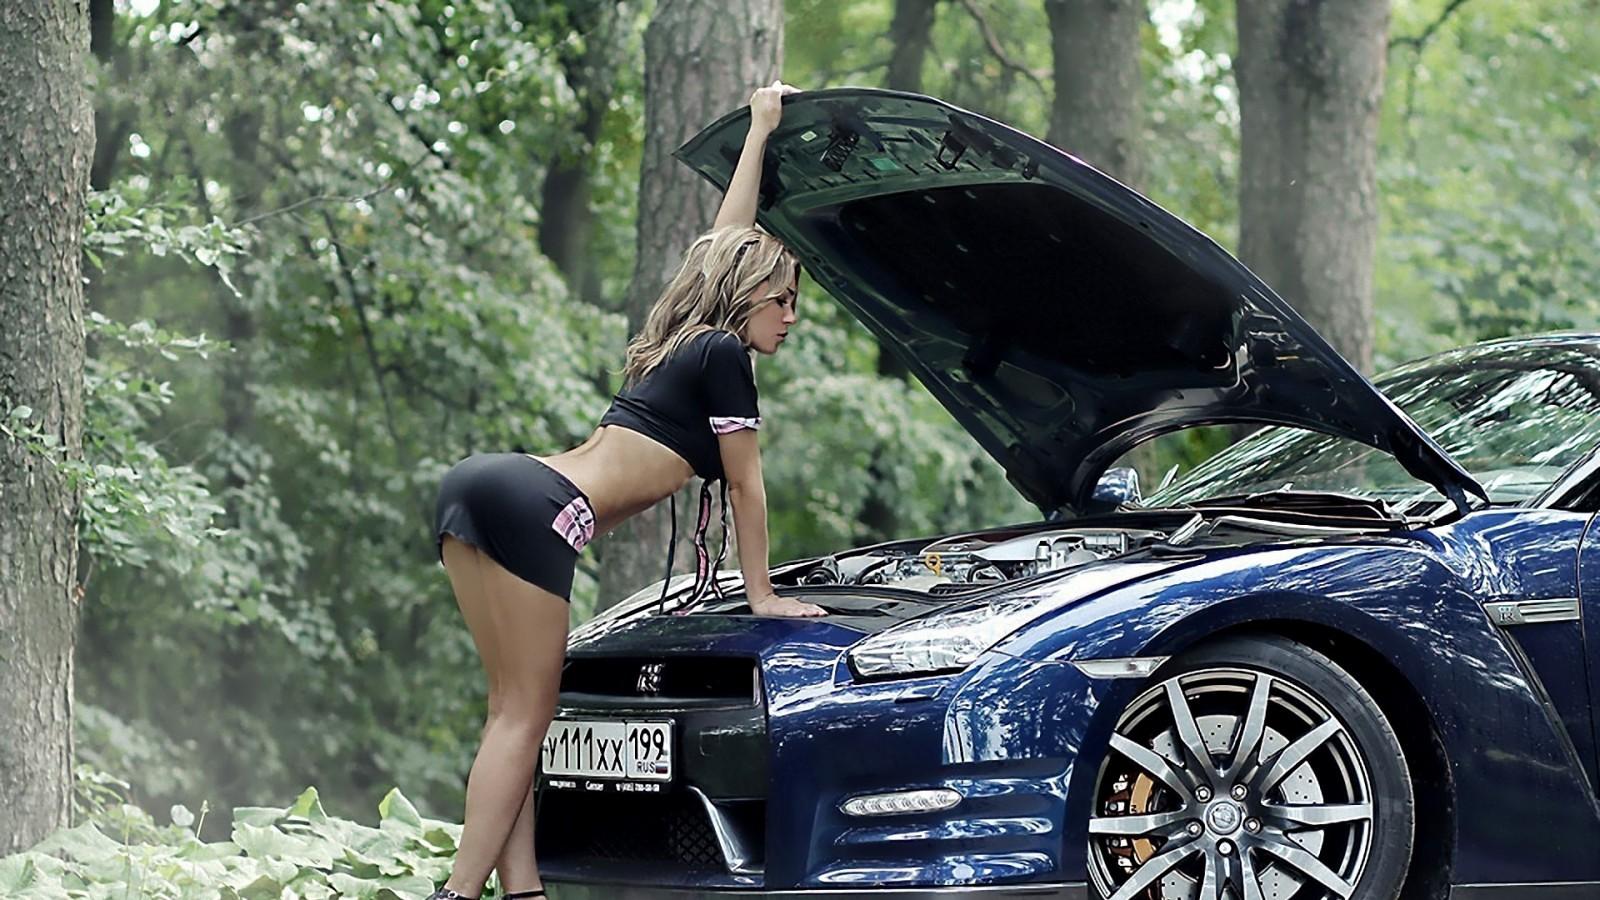 Фото авто девки, Сексуальные девушки и автомобили 4 фотография